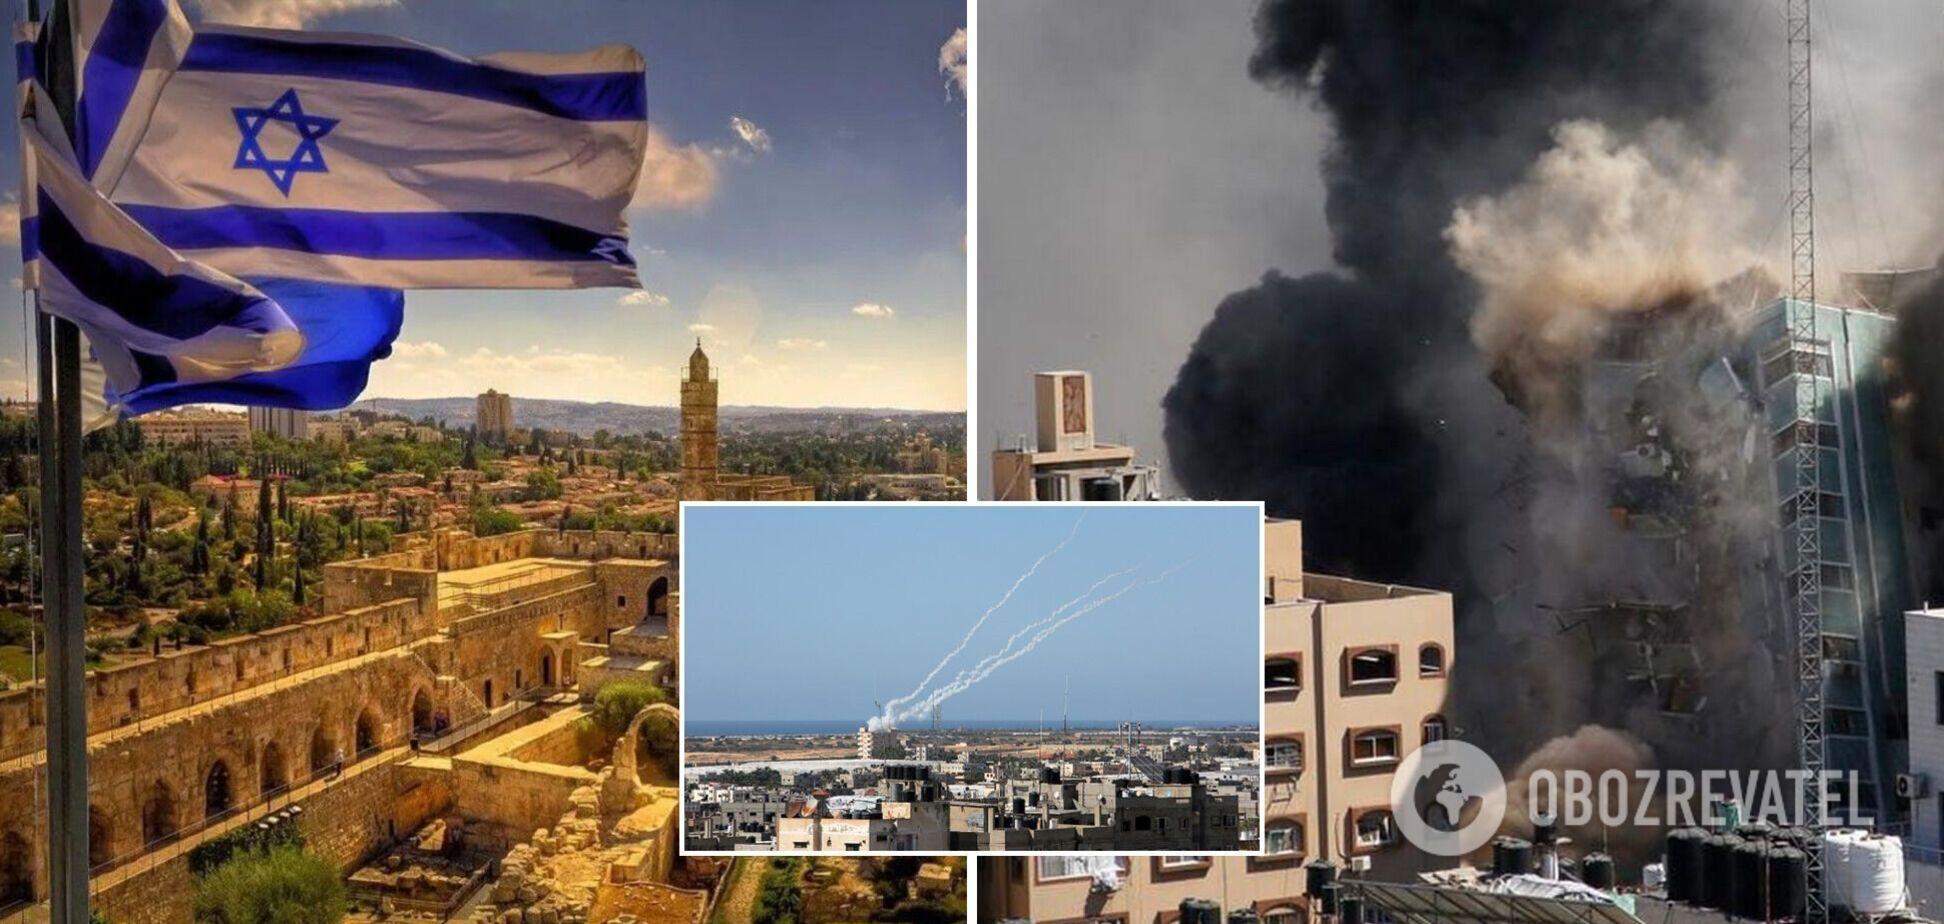 Из сектора Газа выпустили по Израилю более 4 тыс. ракет – ЦАХАЛ